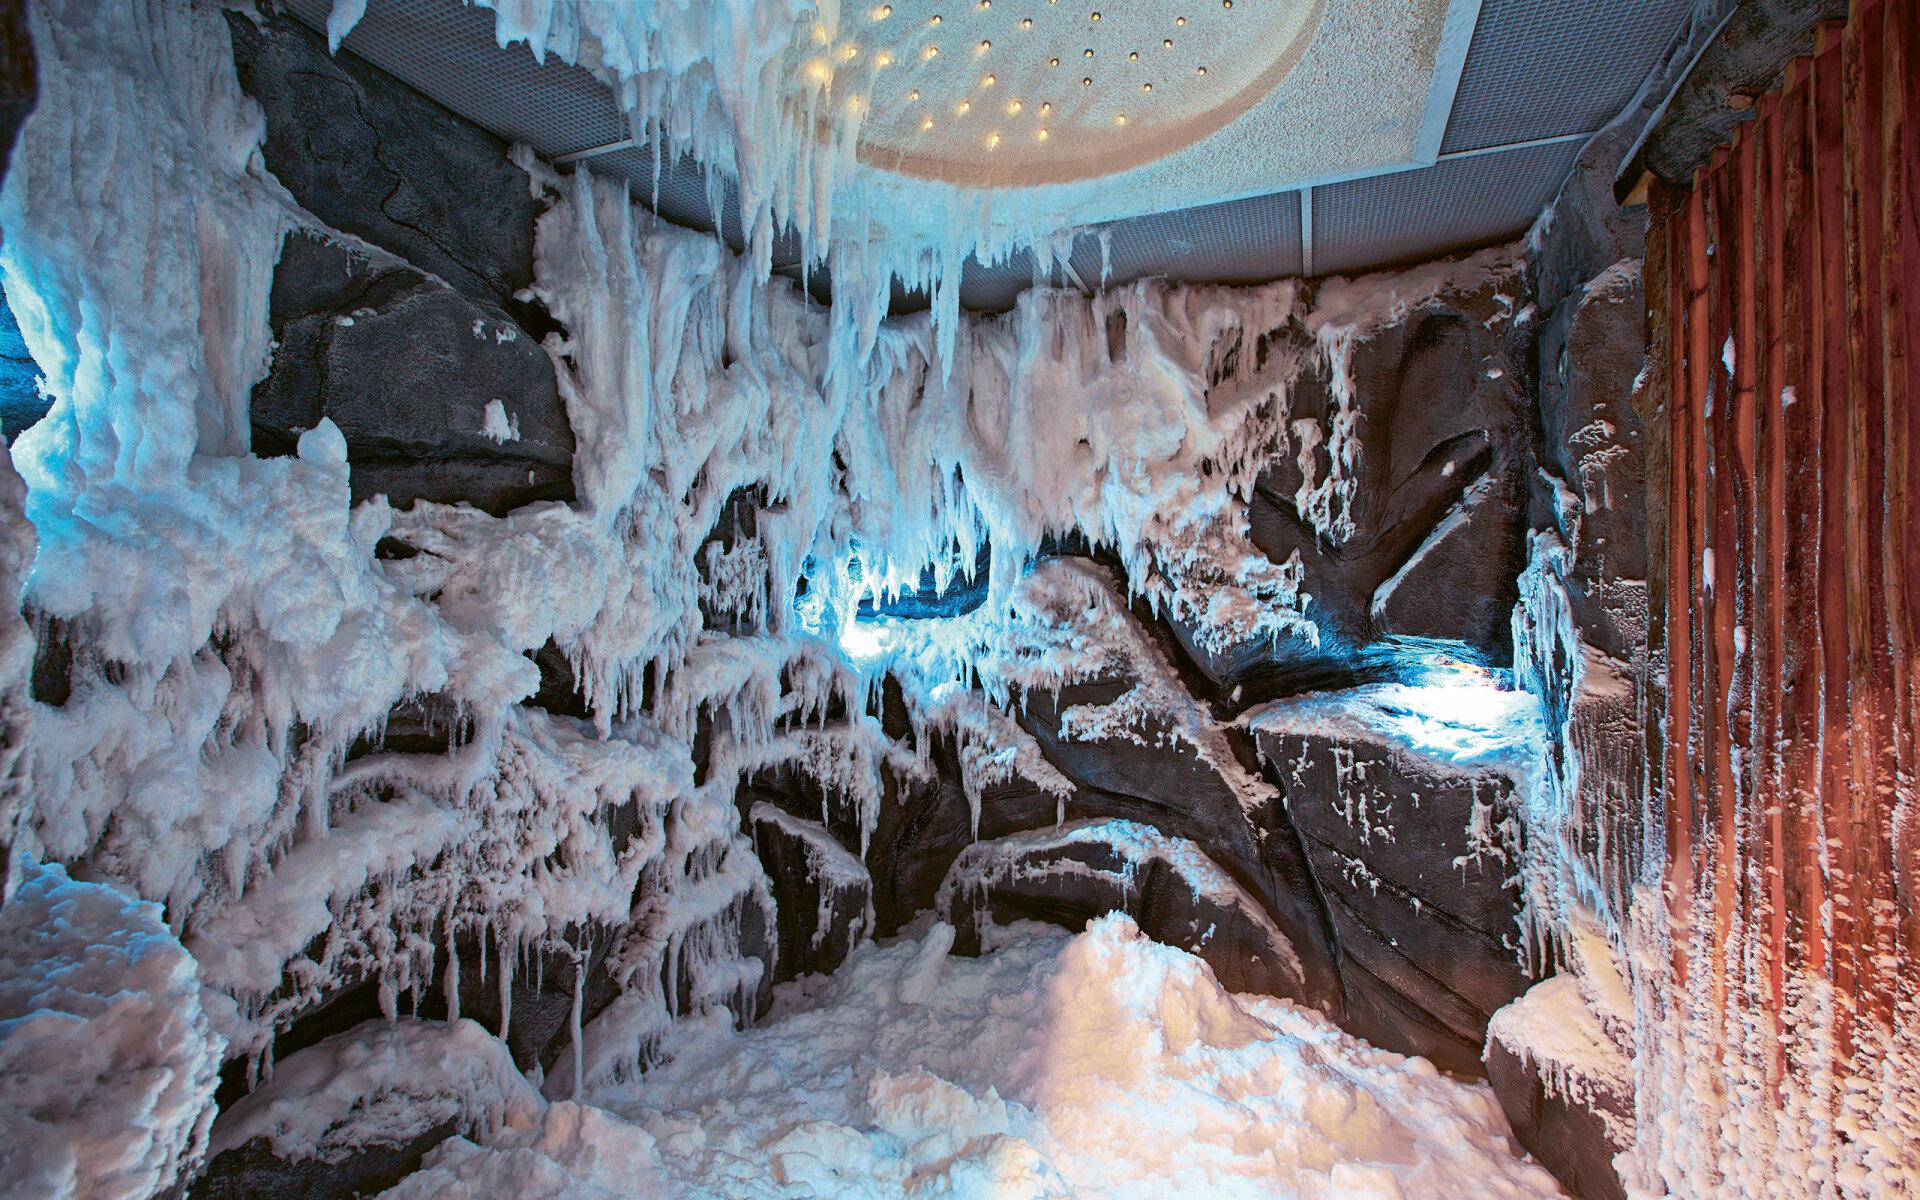 اتاق برف ، قابل استفاده در کلیه مجموعه های ورزشی-تفریحی و مجتمع های تجاری-مسکونی